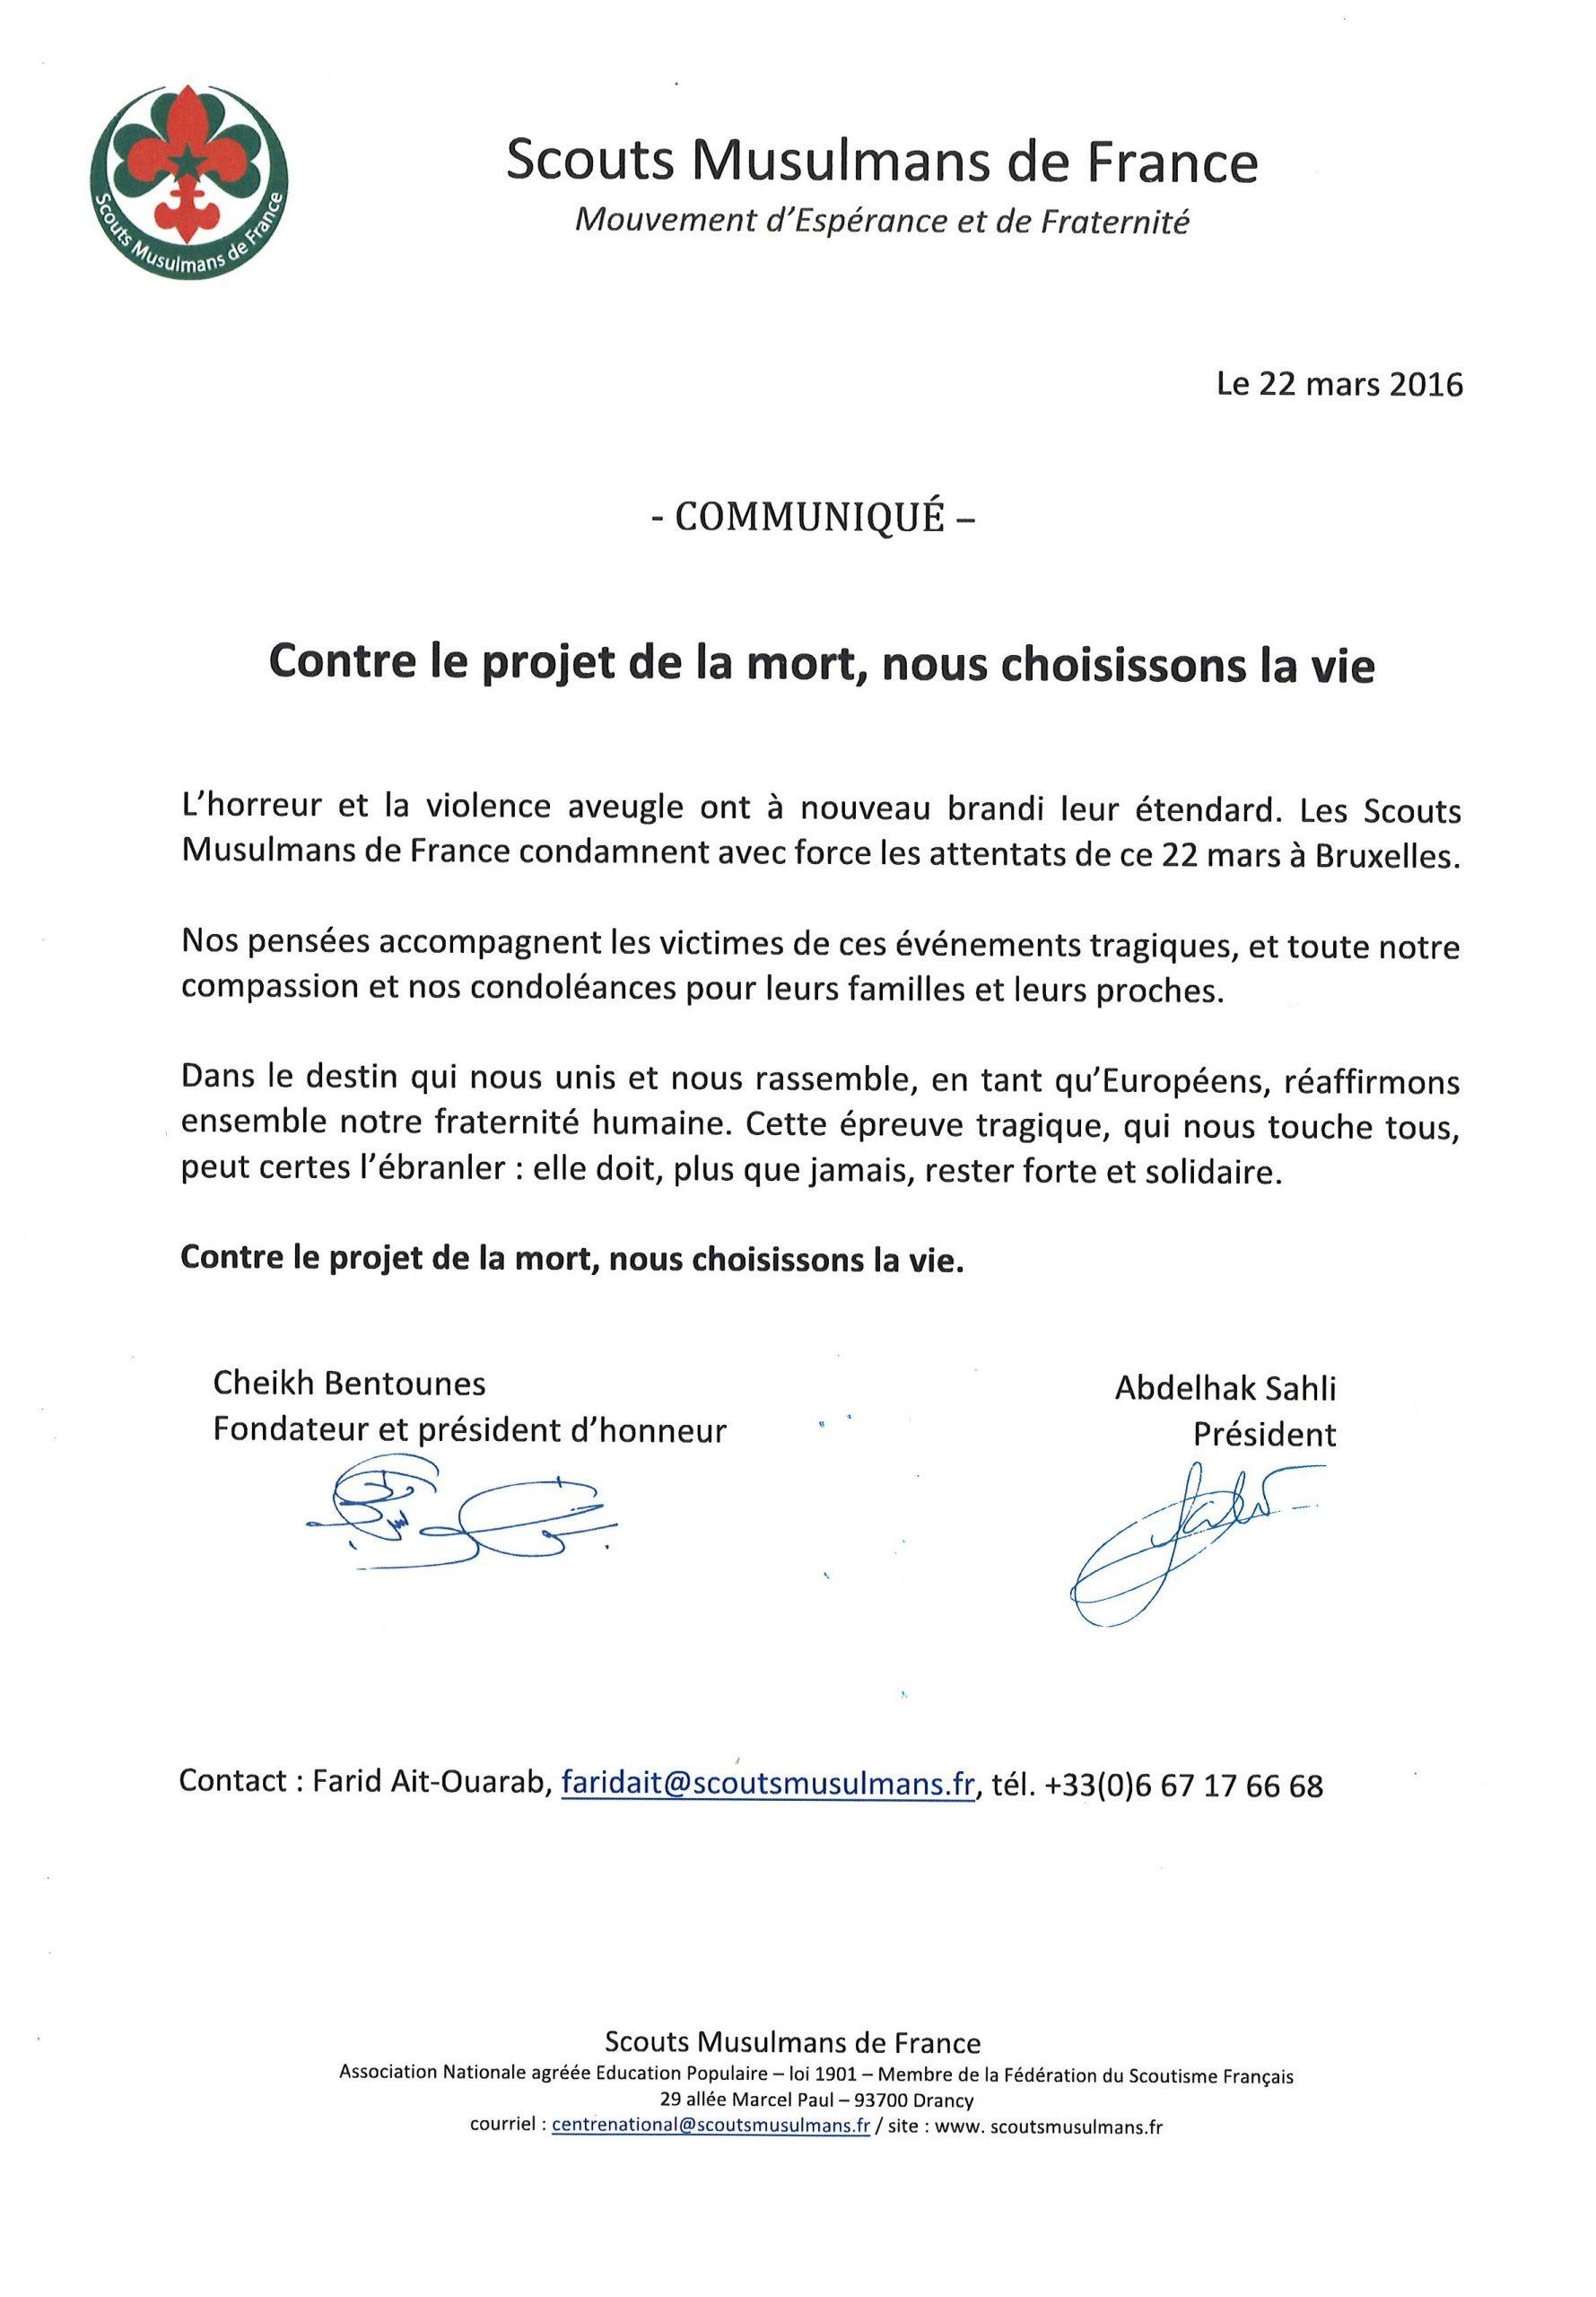 Communiqué Scouts Musulmans de France 22-03-16